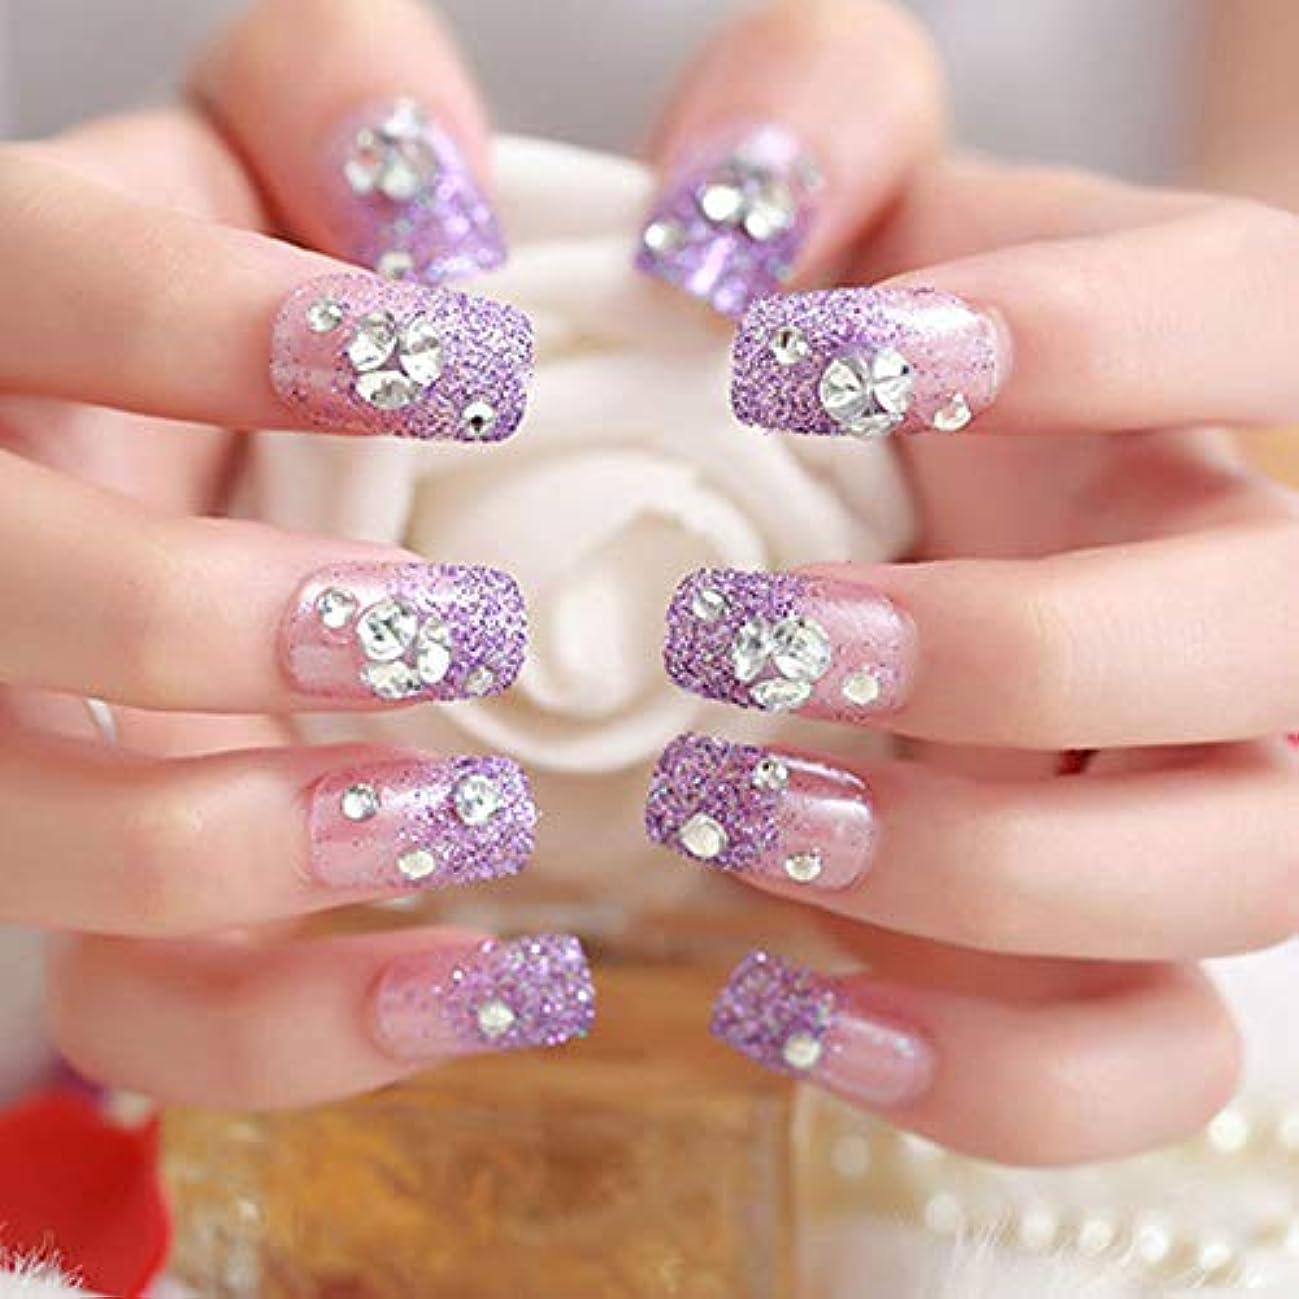 XUTXZKA キラキラ人工爪パープルカラー輝くラインストーンの結婚式の花嫁ネイルアートのヒント偽のネイル